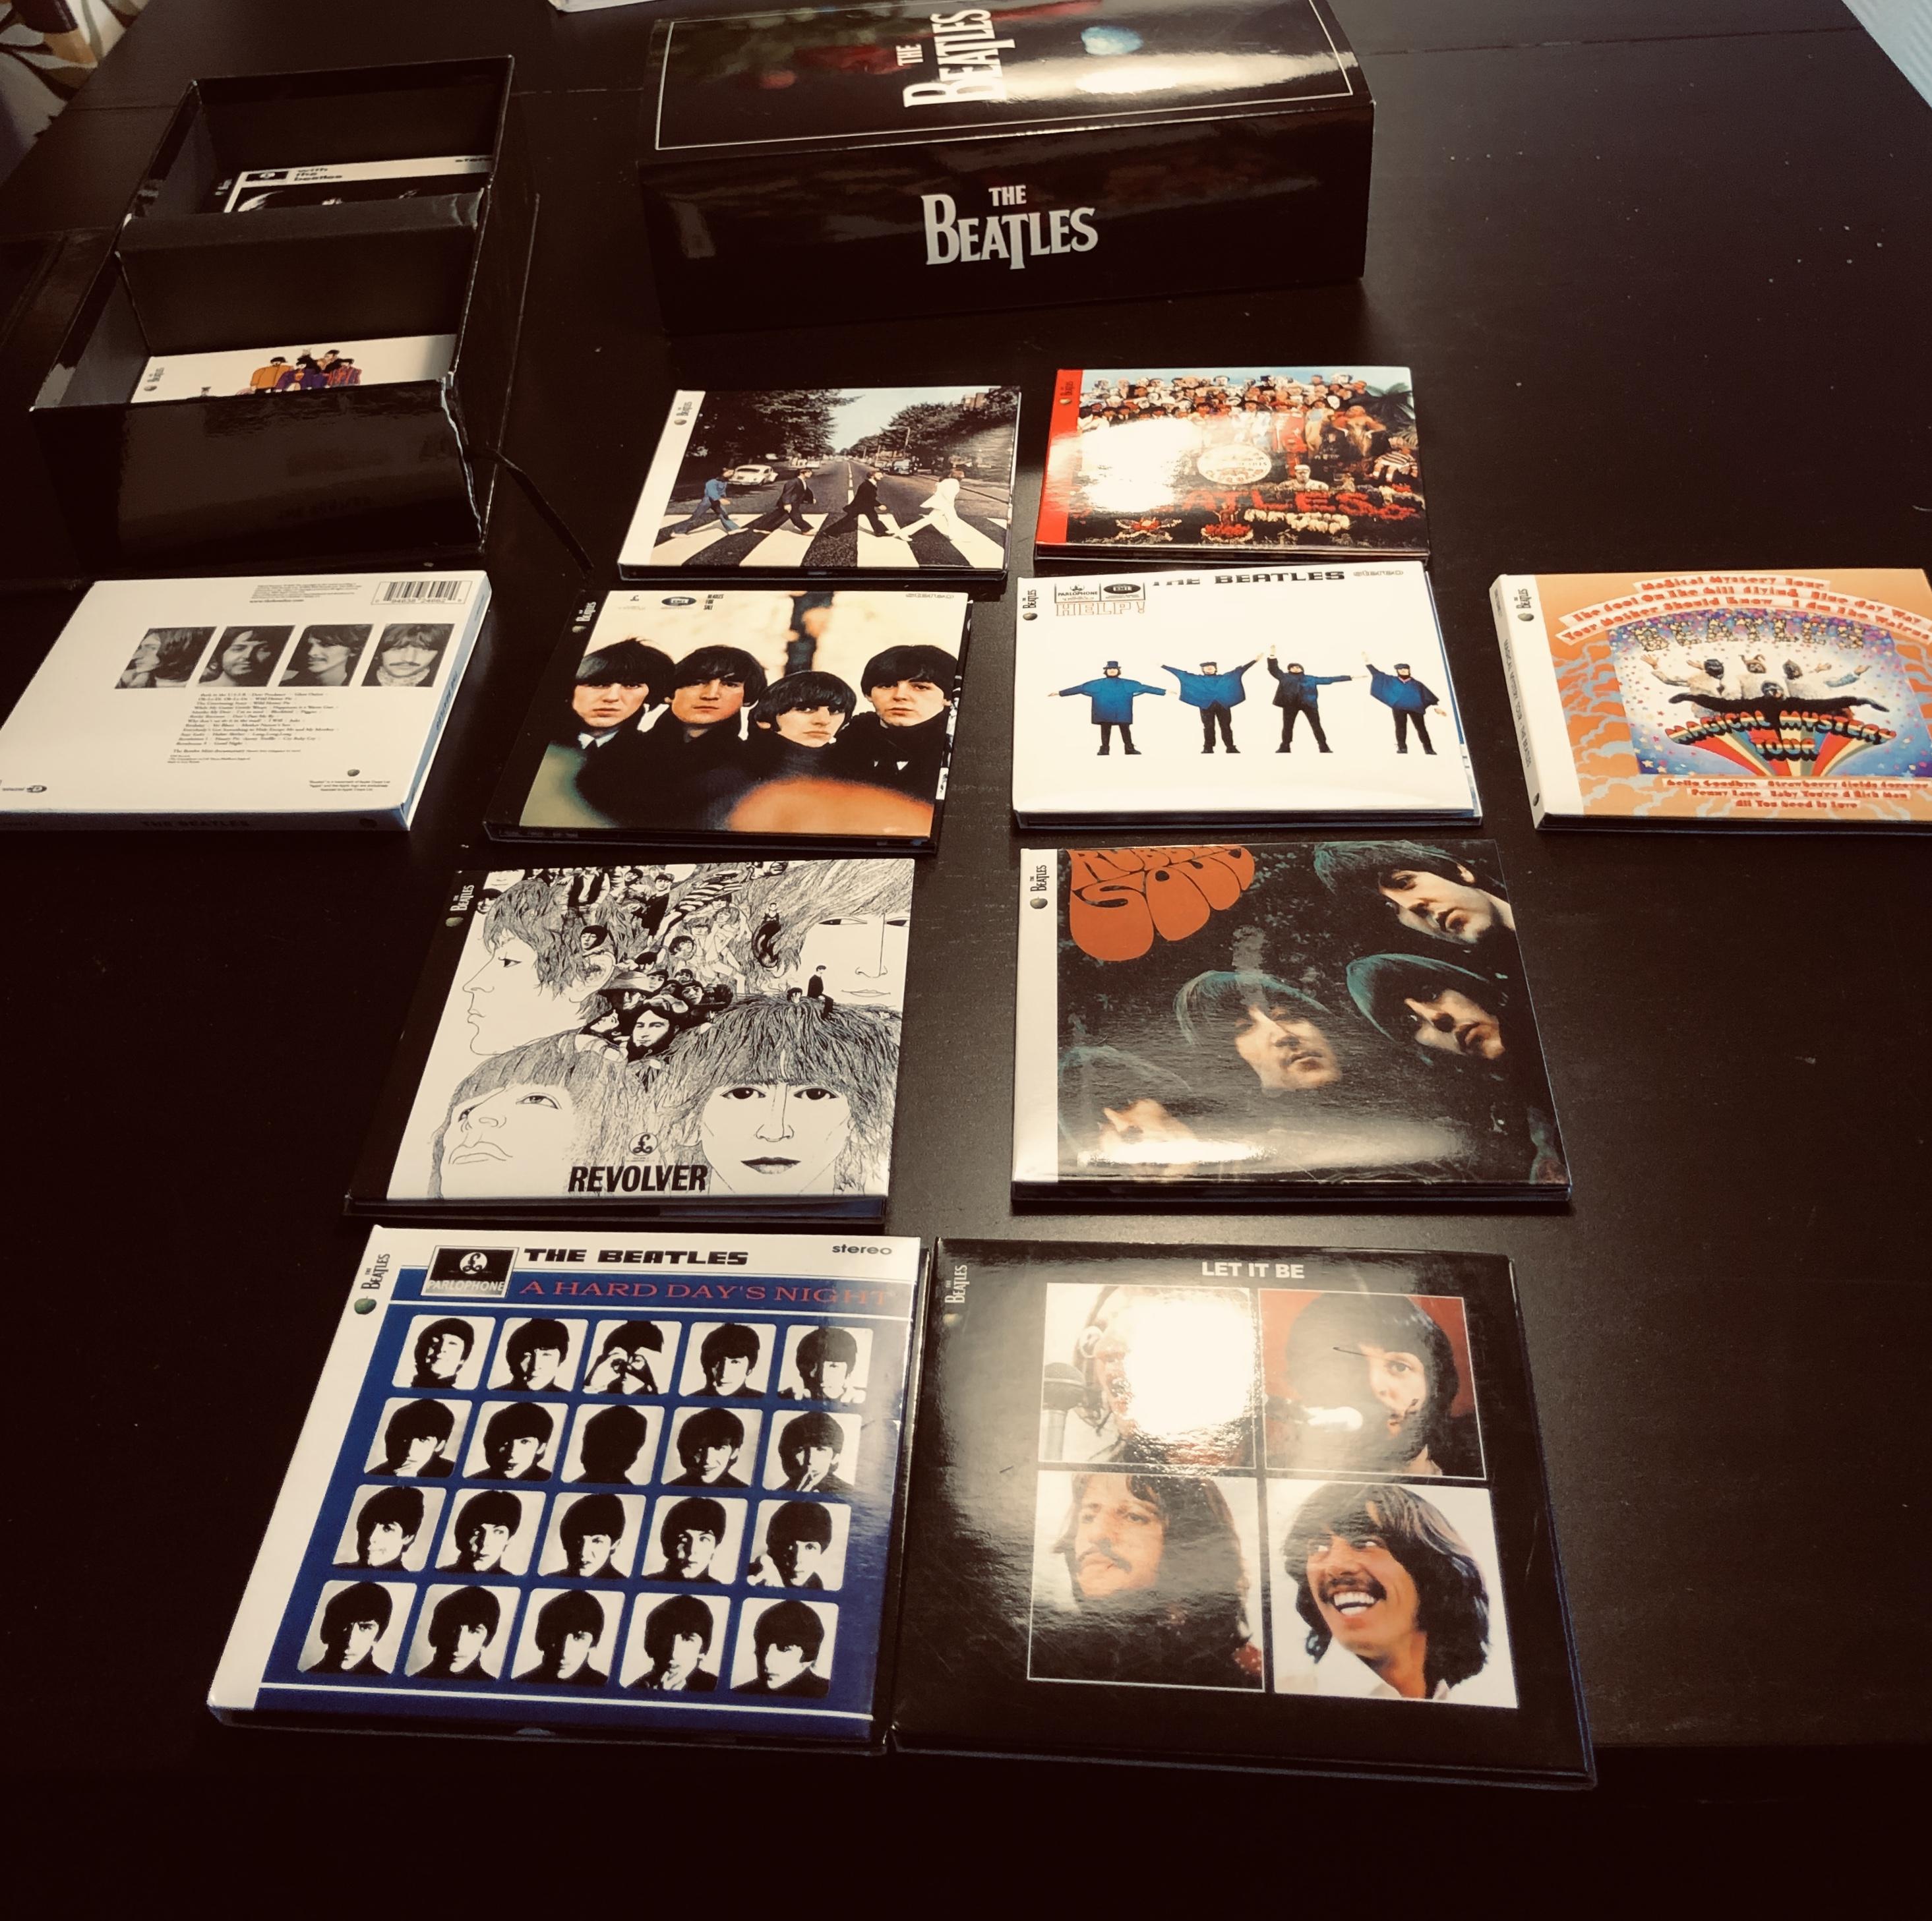 Hoesjes van Beatles cd's. Foto: Sander Lindenburg